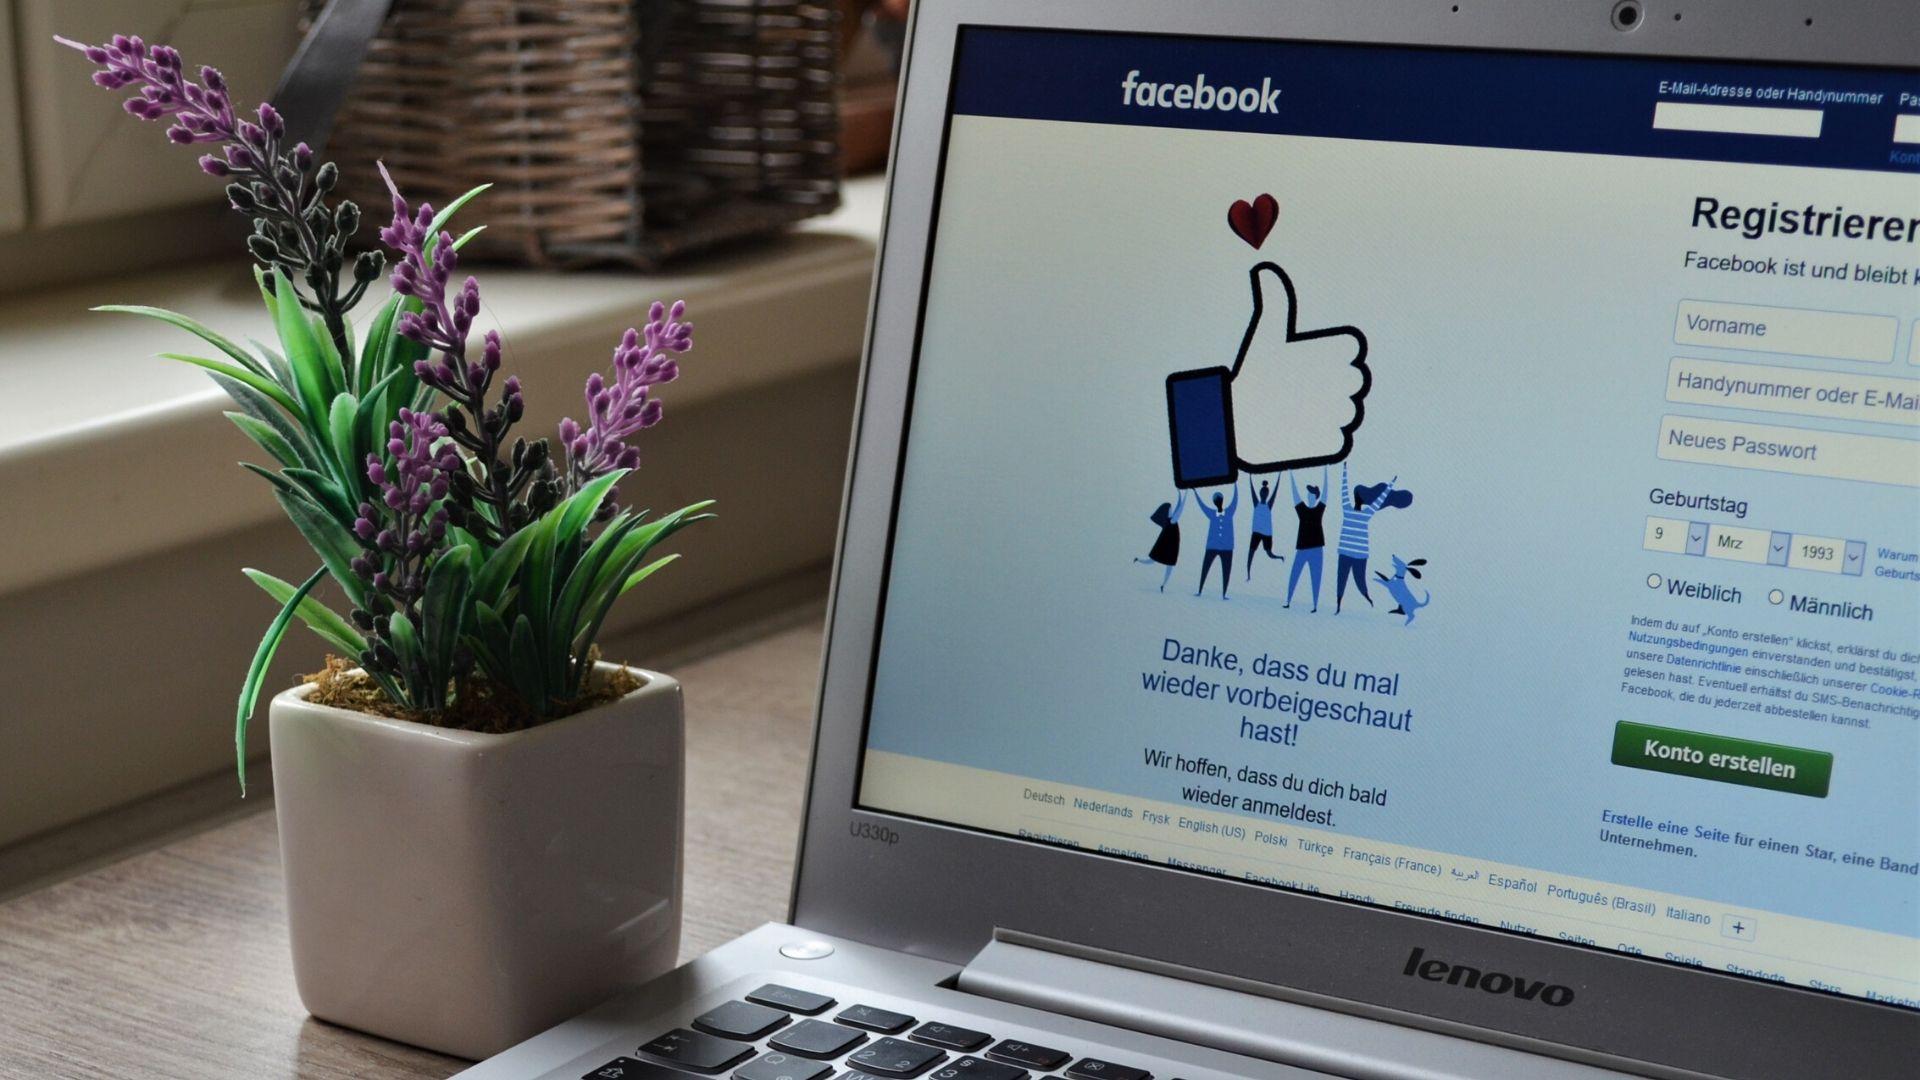 Facebook reste n°1 des réseaux sociaux en France (1)